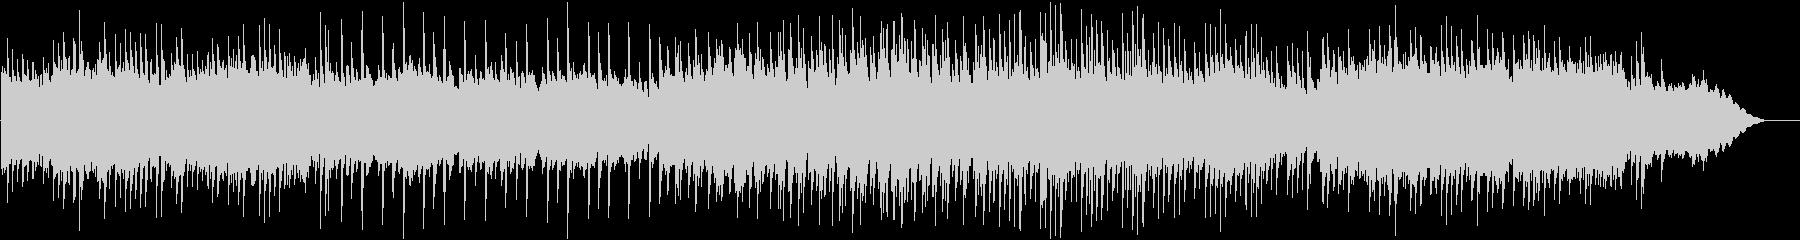 CMや映像に癒しピアノ 感動的ヒーリングの未再生の波形